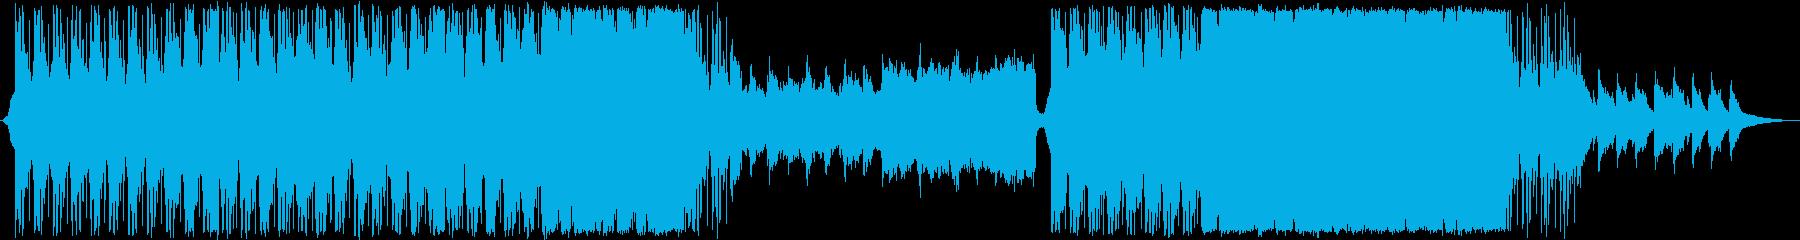 緊迫感/テクスチャー/ドキュメンタリーの再生済みの波形